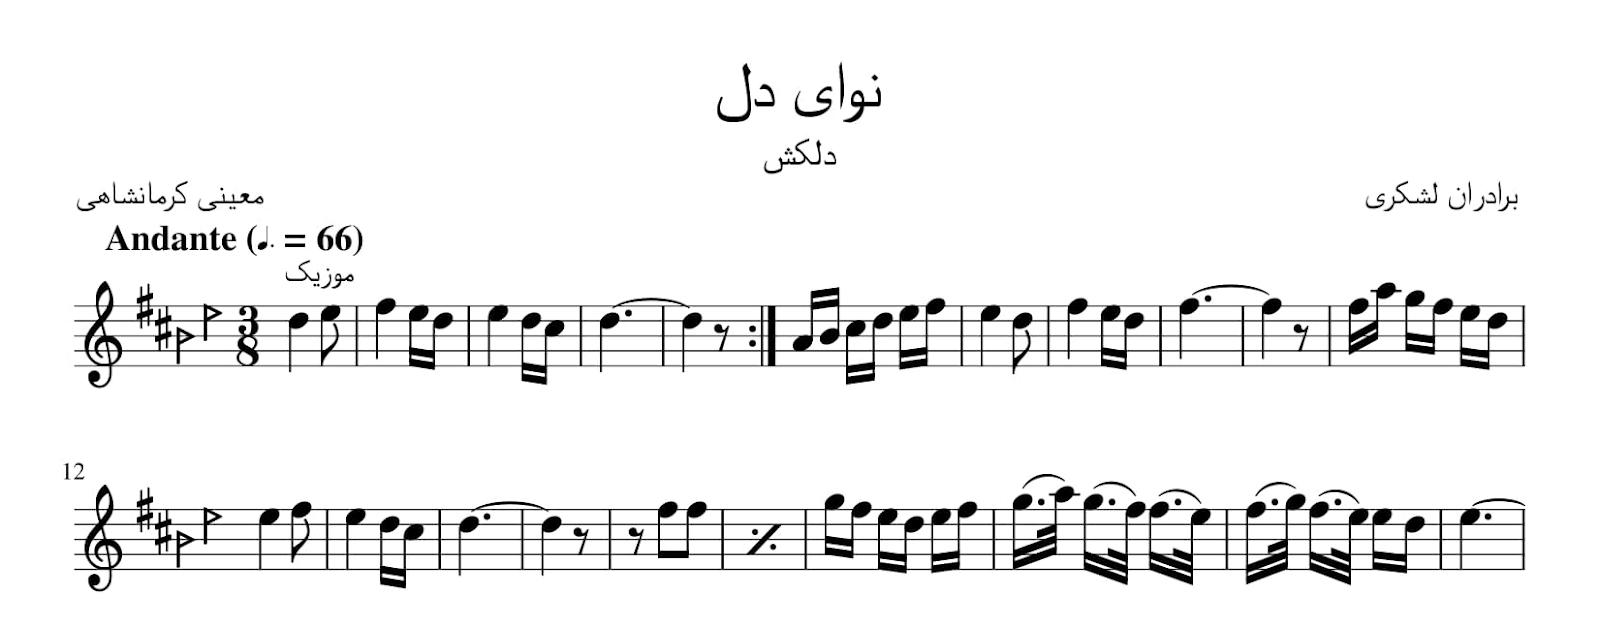 نت نوای دل برادران لشگری رحیم معینی کرمانشاهی دلکش آوانگاری احمد جباریان